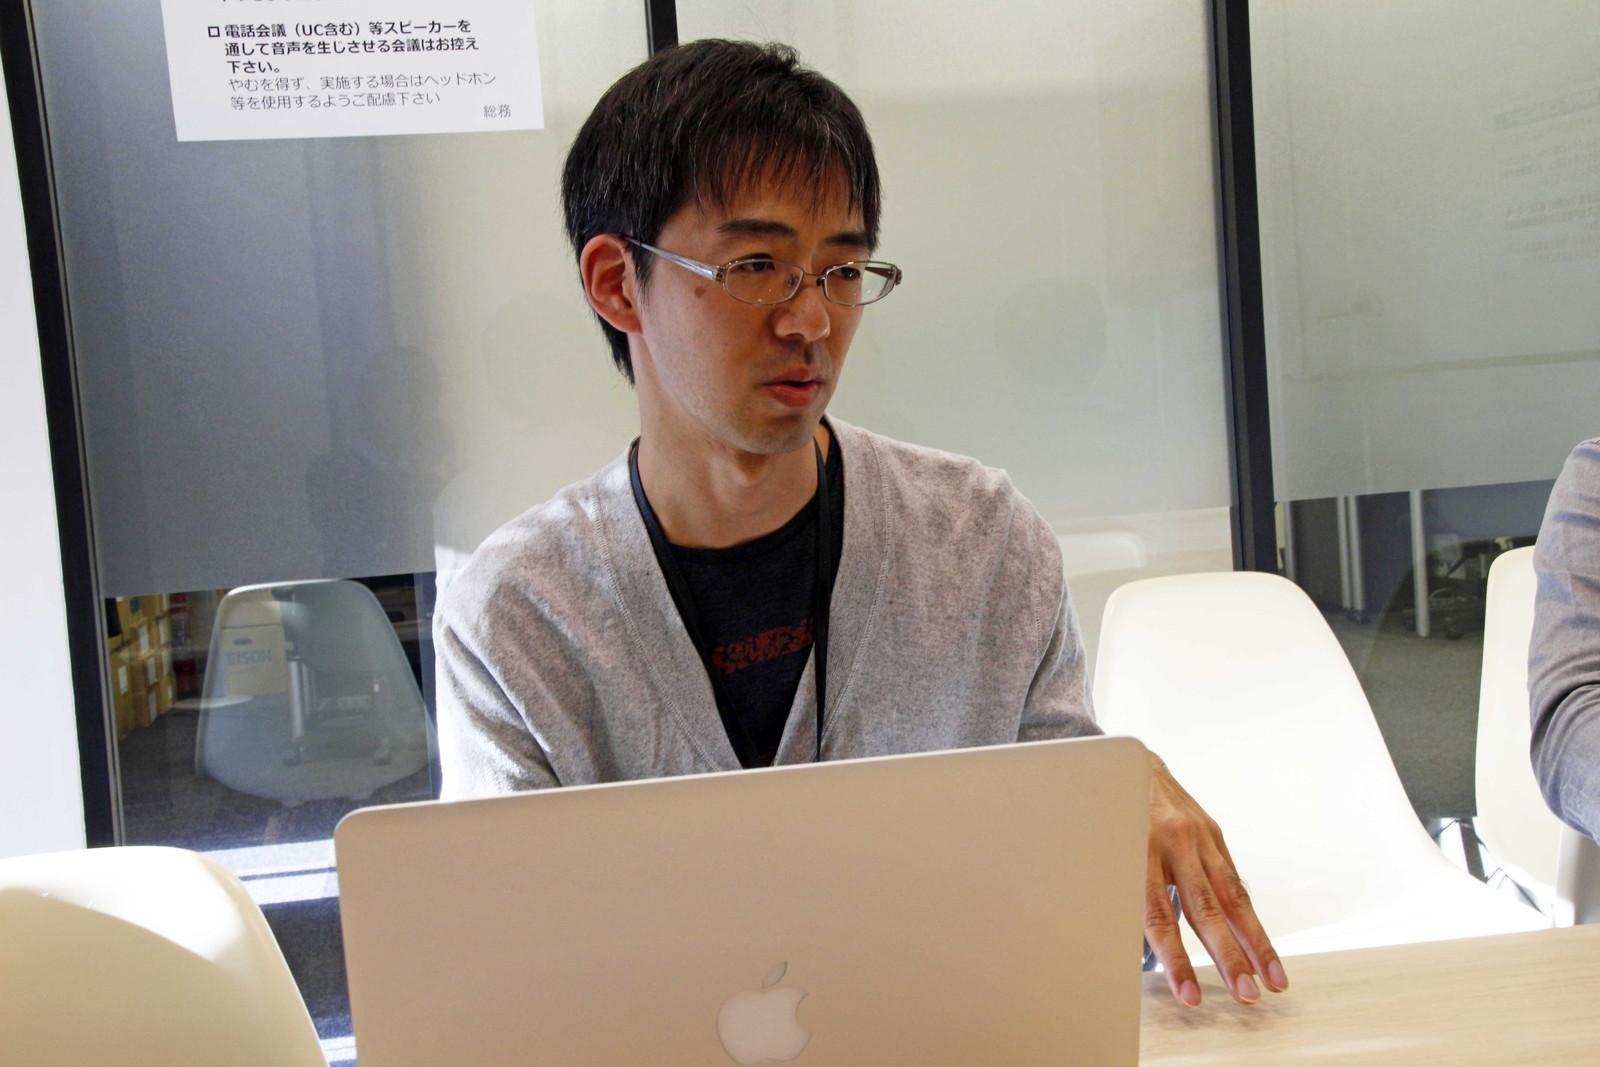 望月氏はアプリの開発などを担当